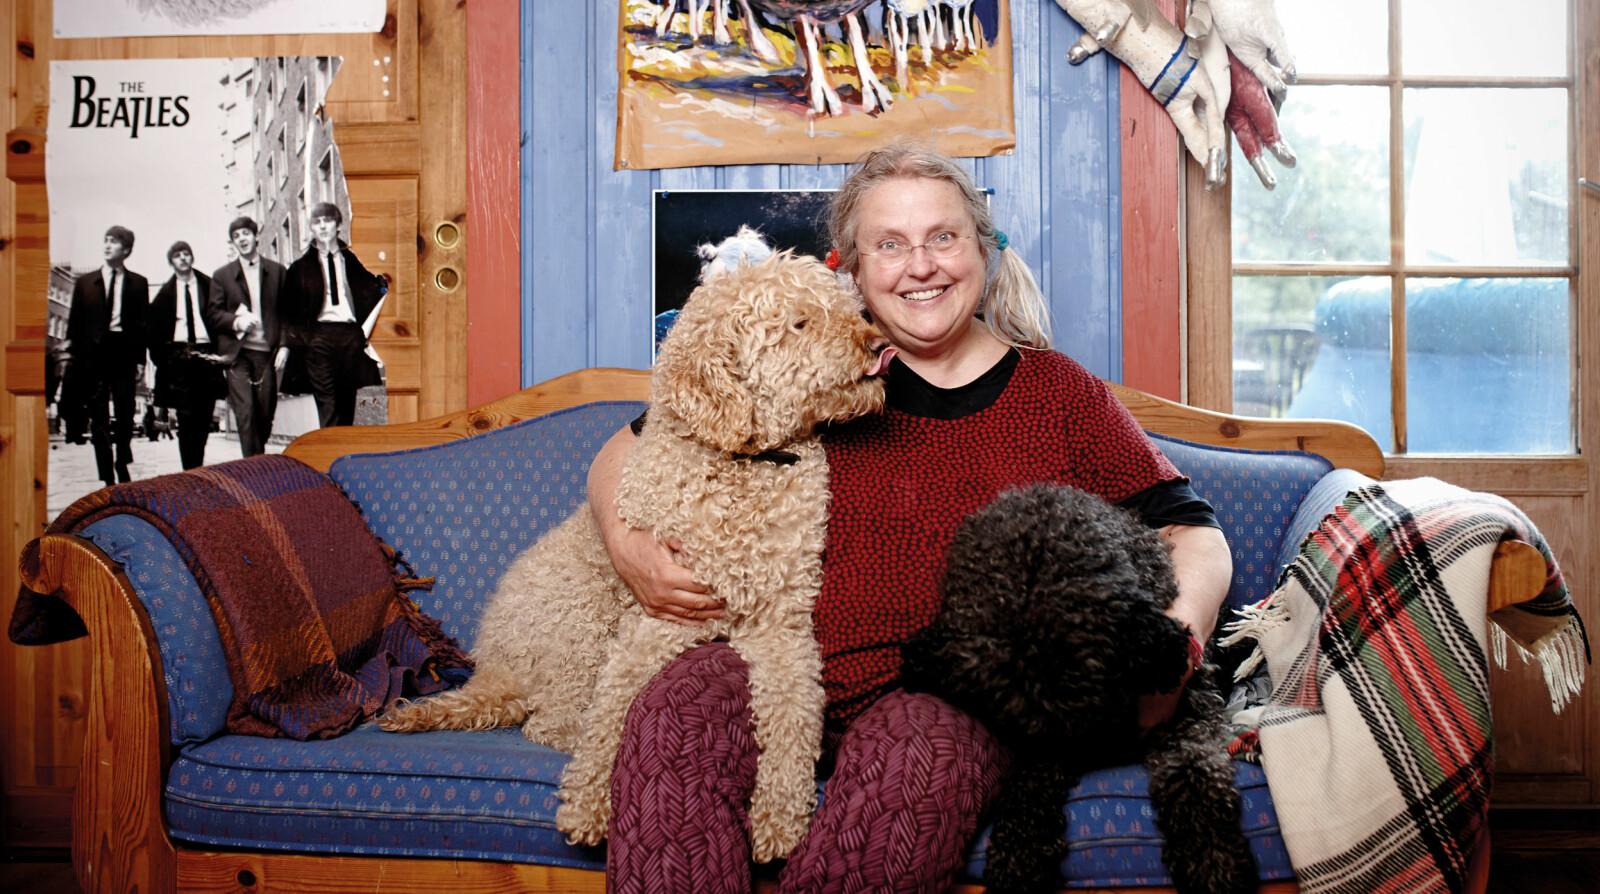 Forfatter Gro Dahle finner glede i mye, blant annet hundene sine. - Bare å se på dem kan være en berikelse, sier hun. Foto: Geir Dokken